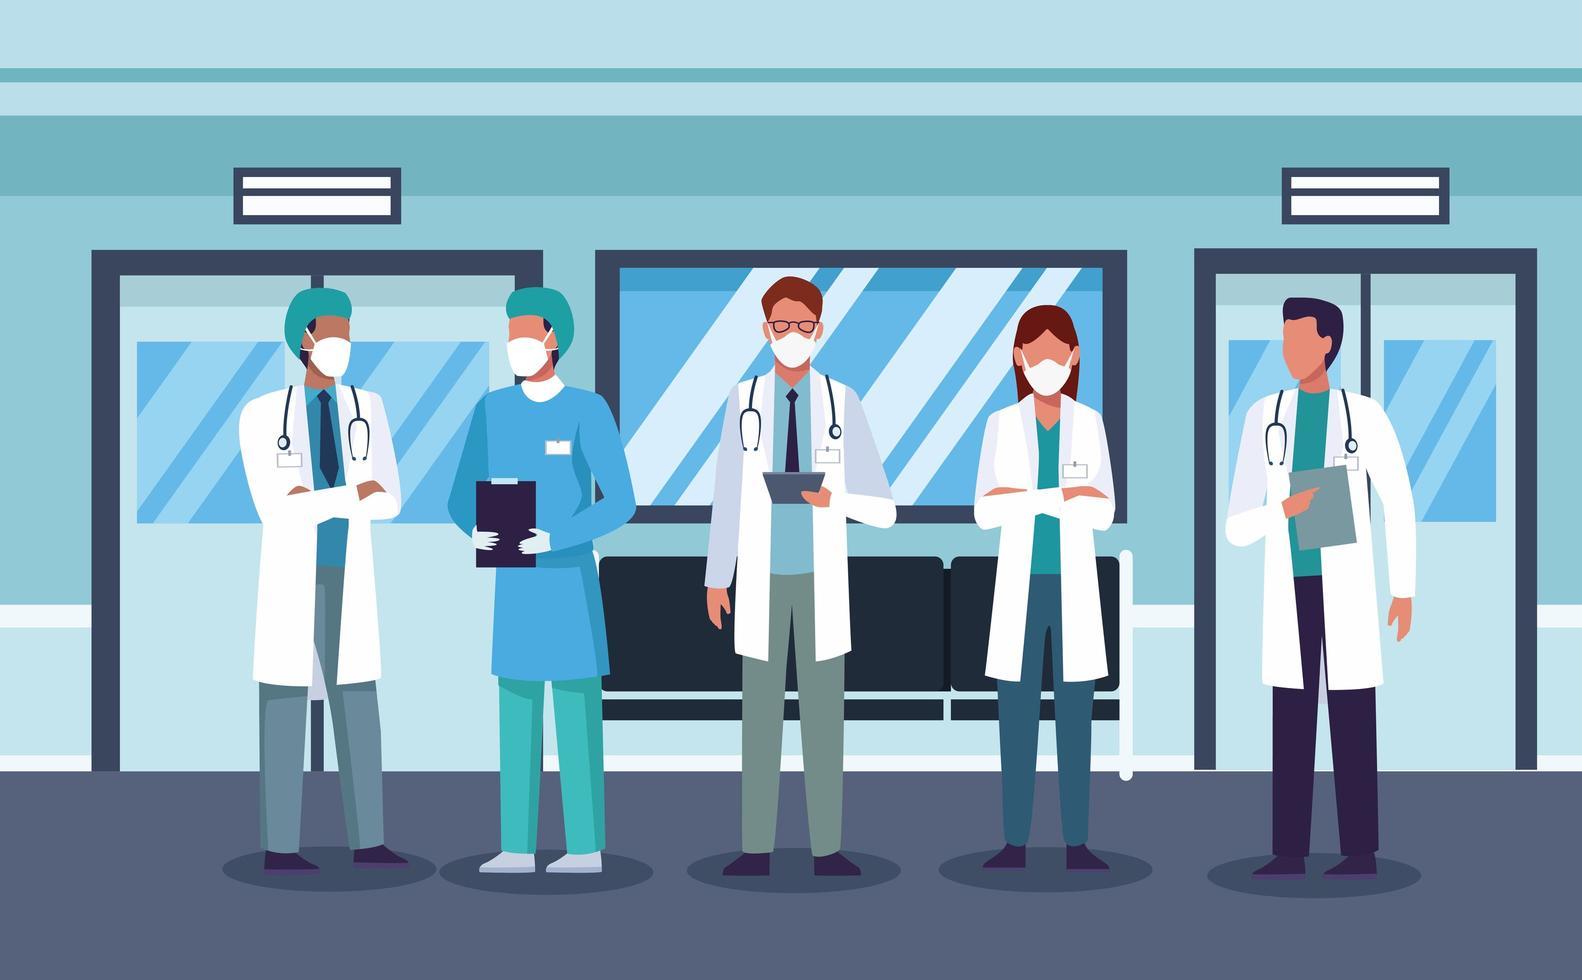 grupo de médicos enmascarados, personal en el hospital vector